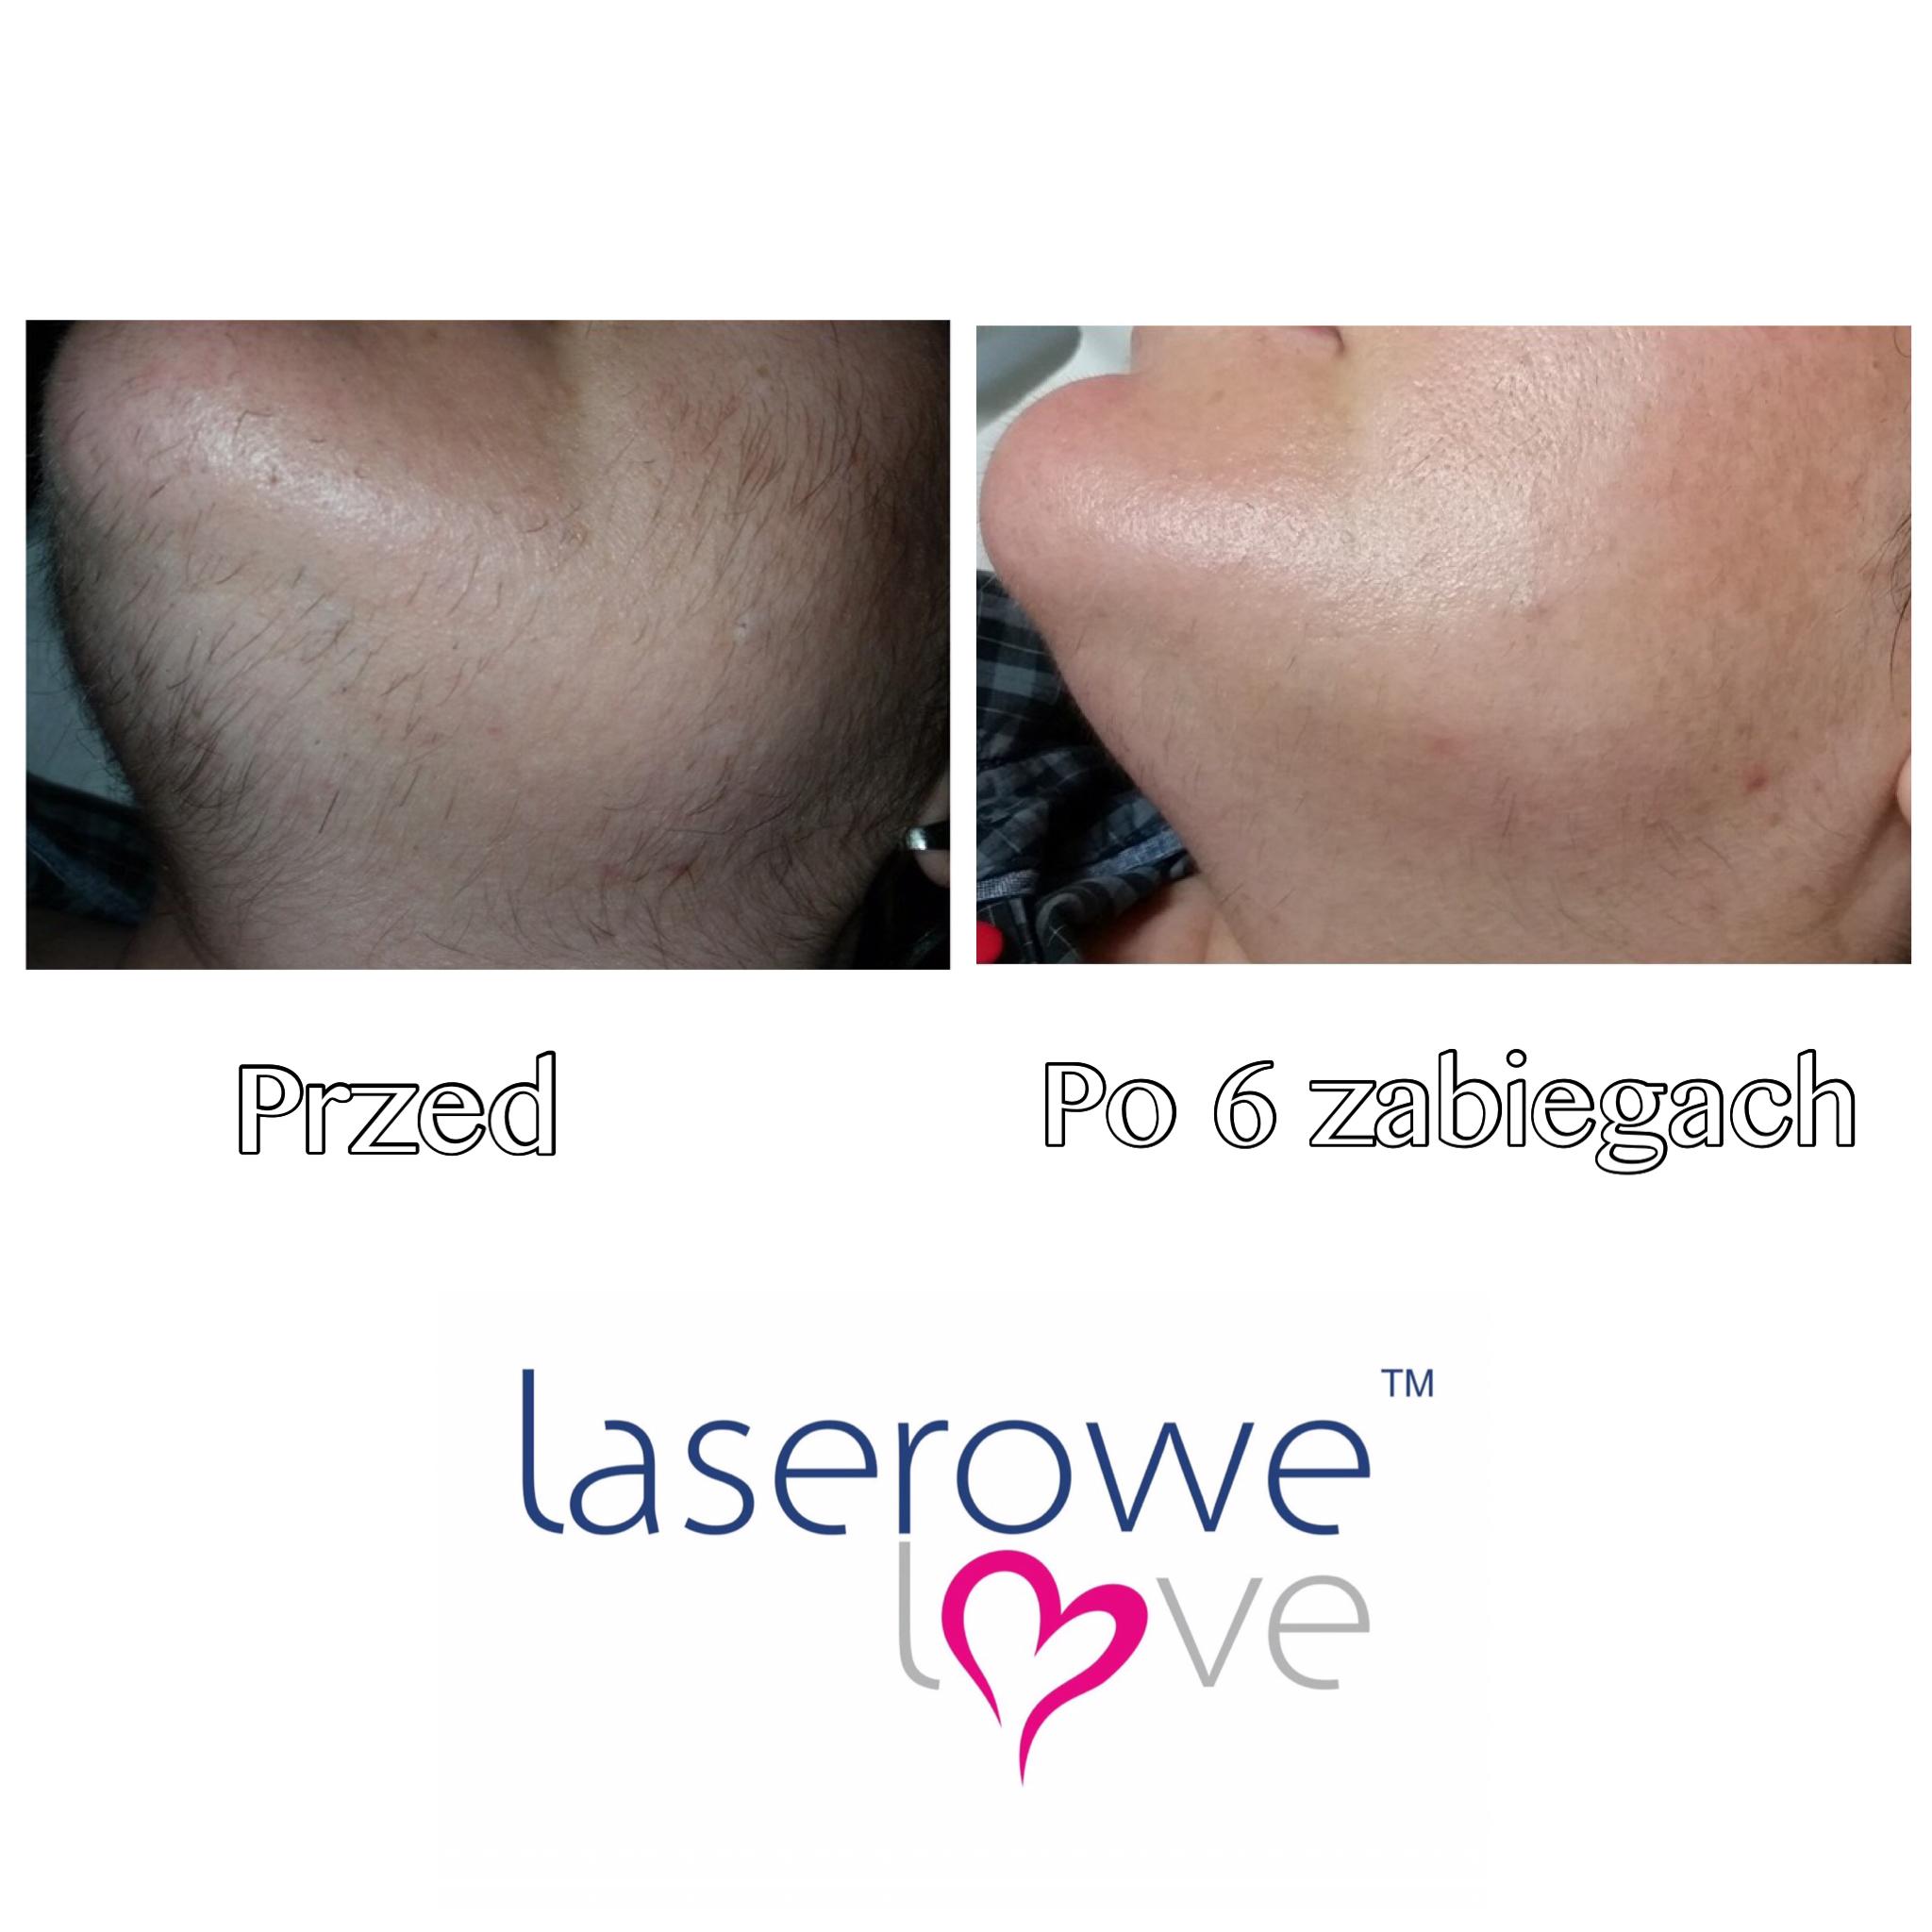 laserowe-love-raciborz-ightsheer-desire-trwale-skuteczne-usuwanie-owlosienia_7952 00.52.37